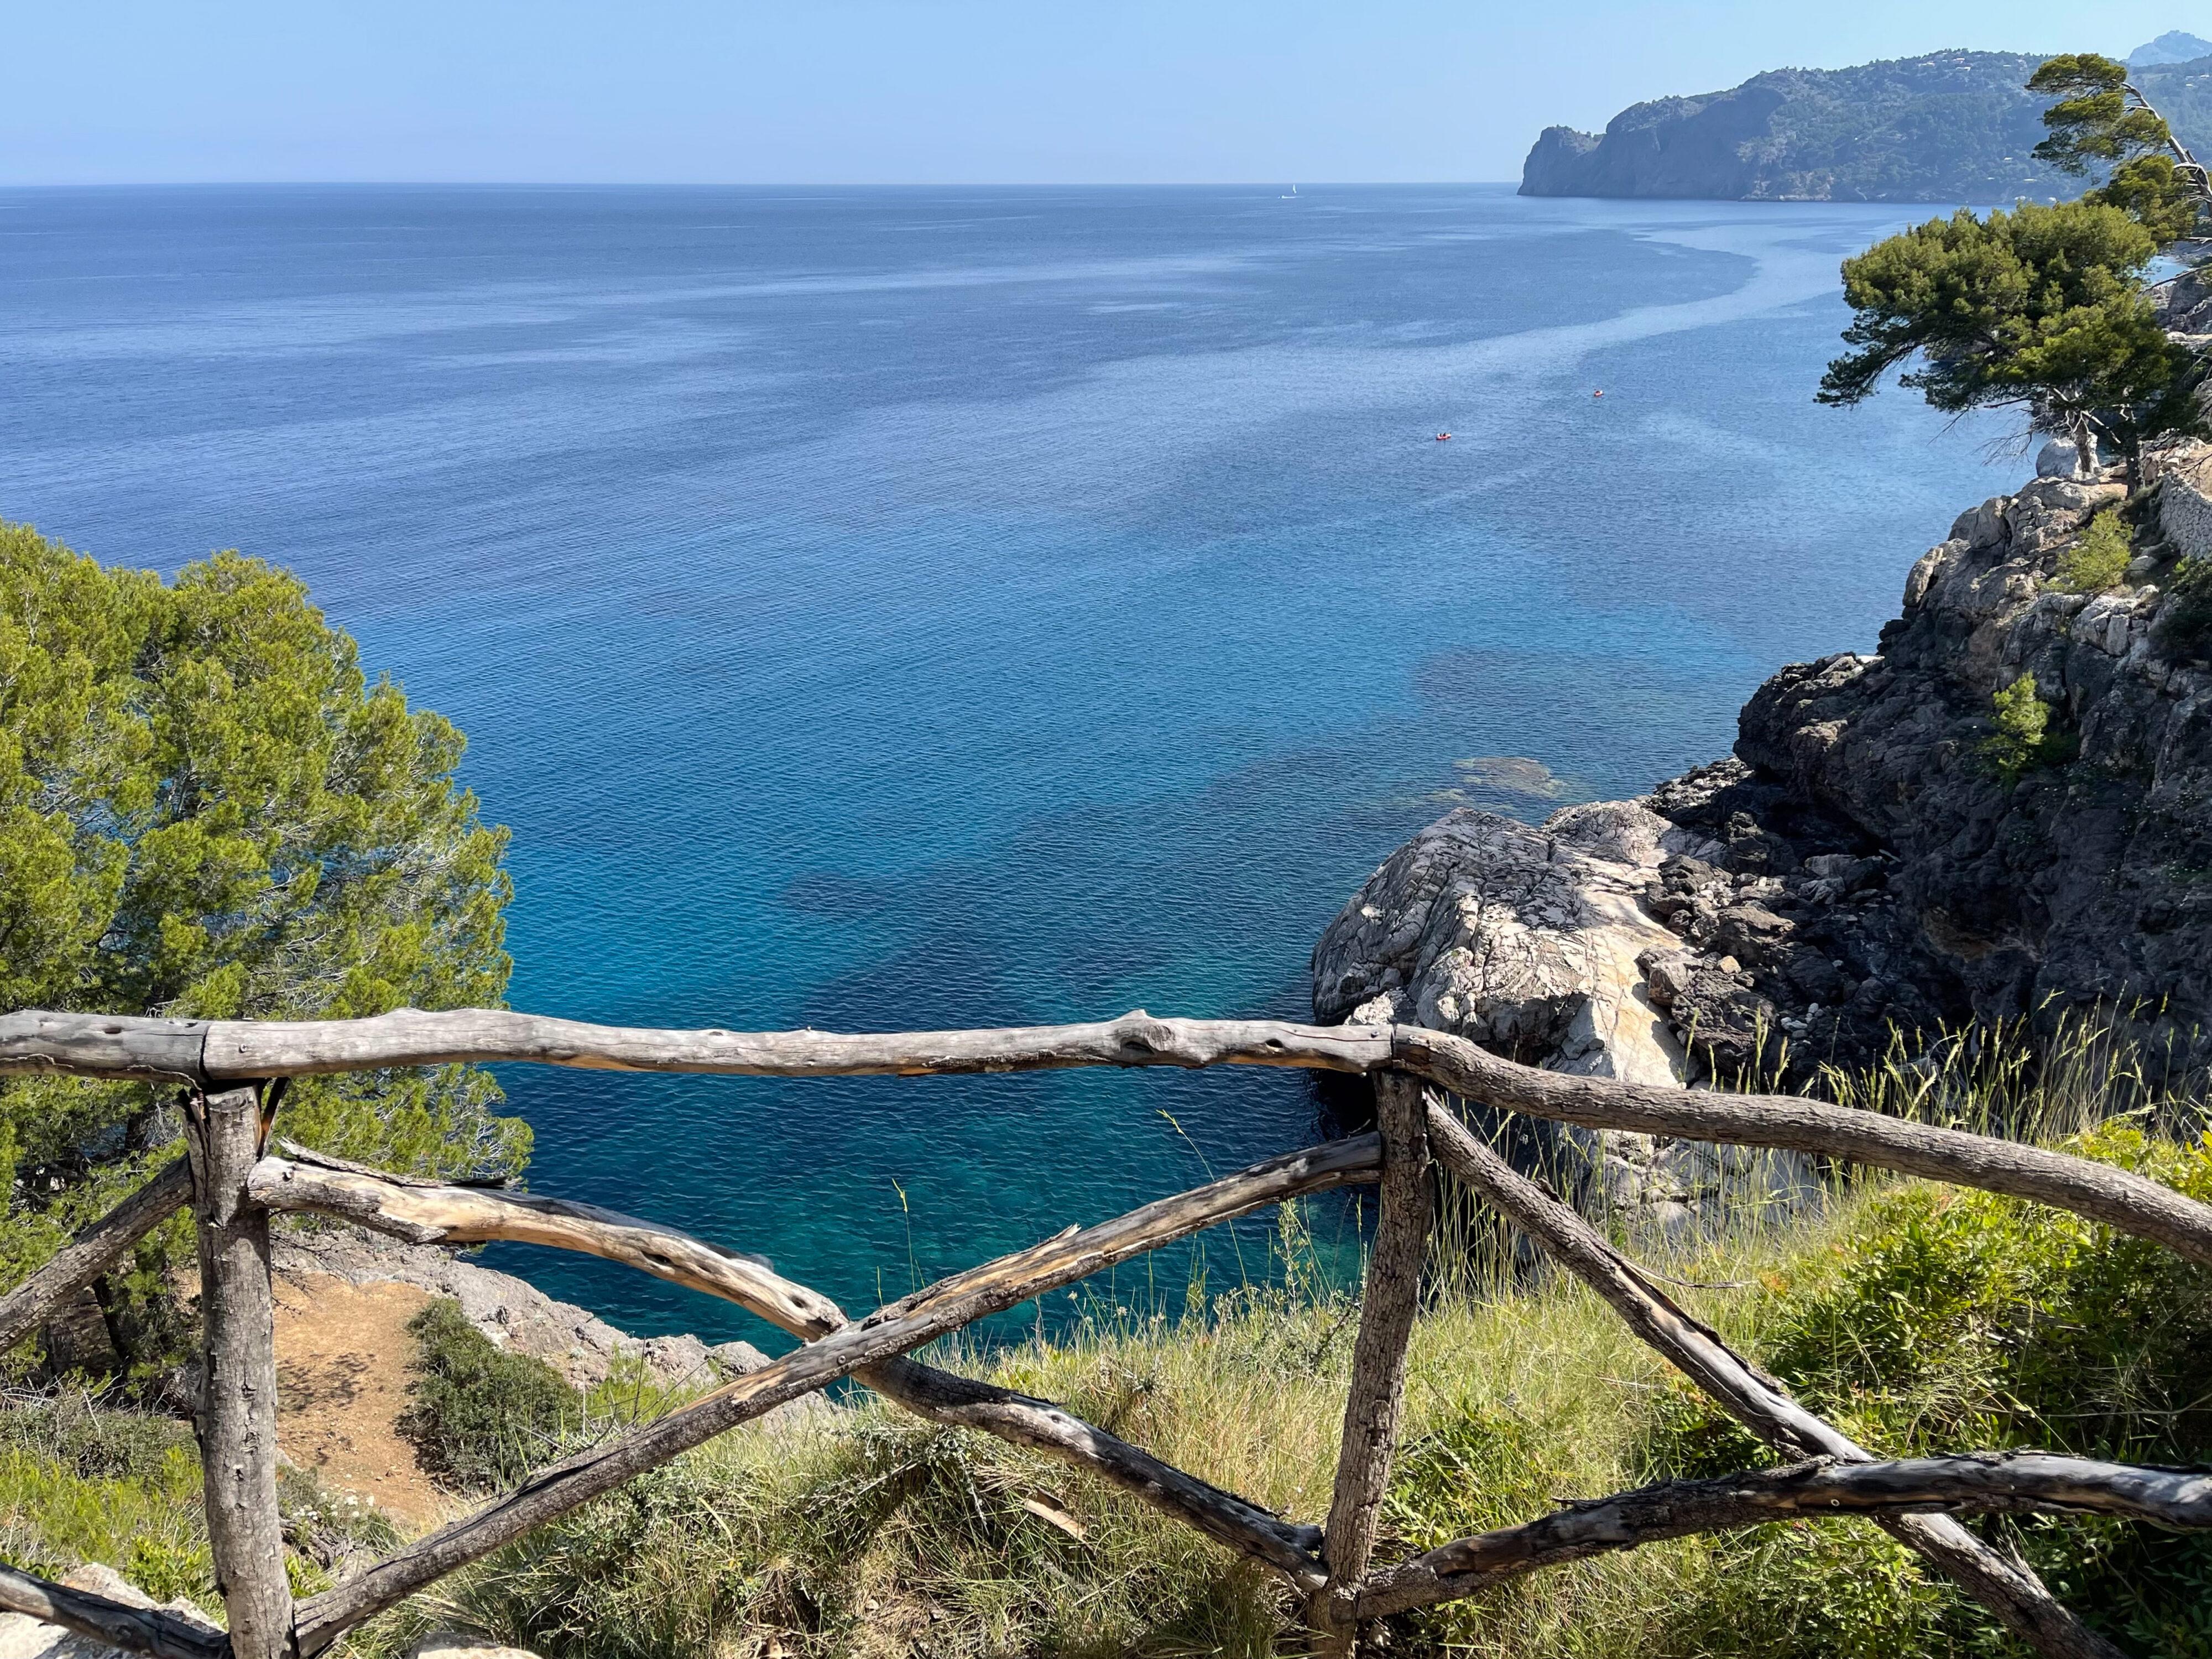 Küstenwanderung Cala de Deià-Llucalcari: ein Geländer nach uralter Art